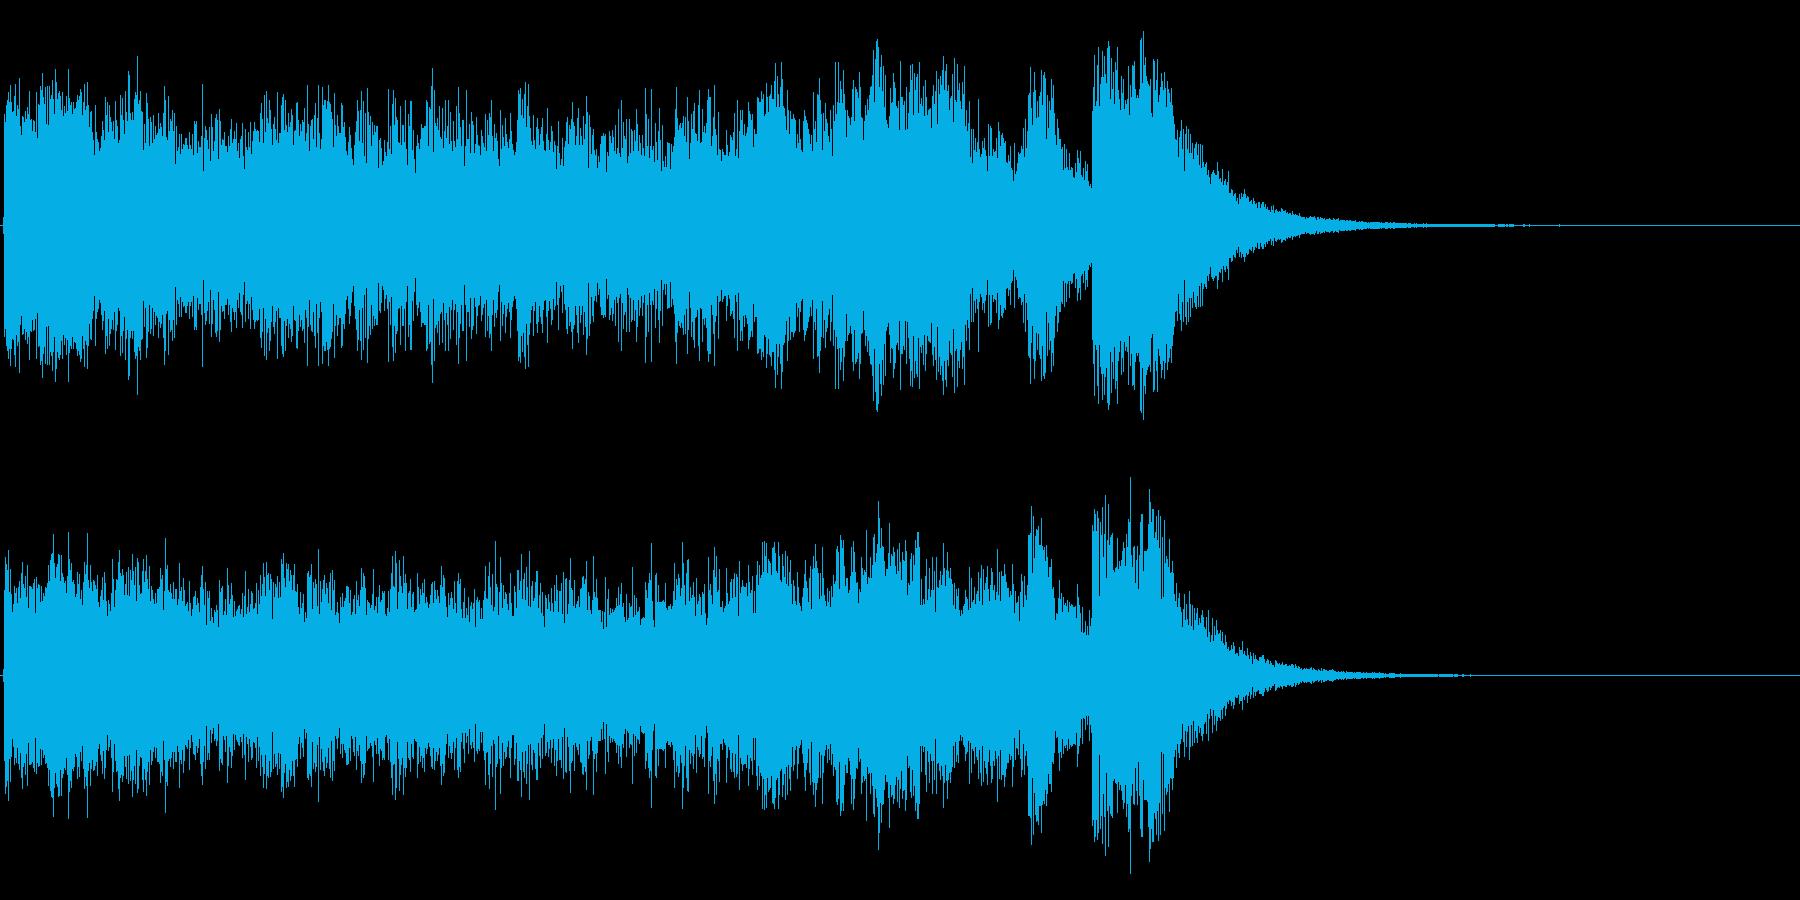 派手でアップテンポなアイキャッチの再生済みの波形